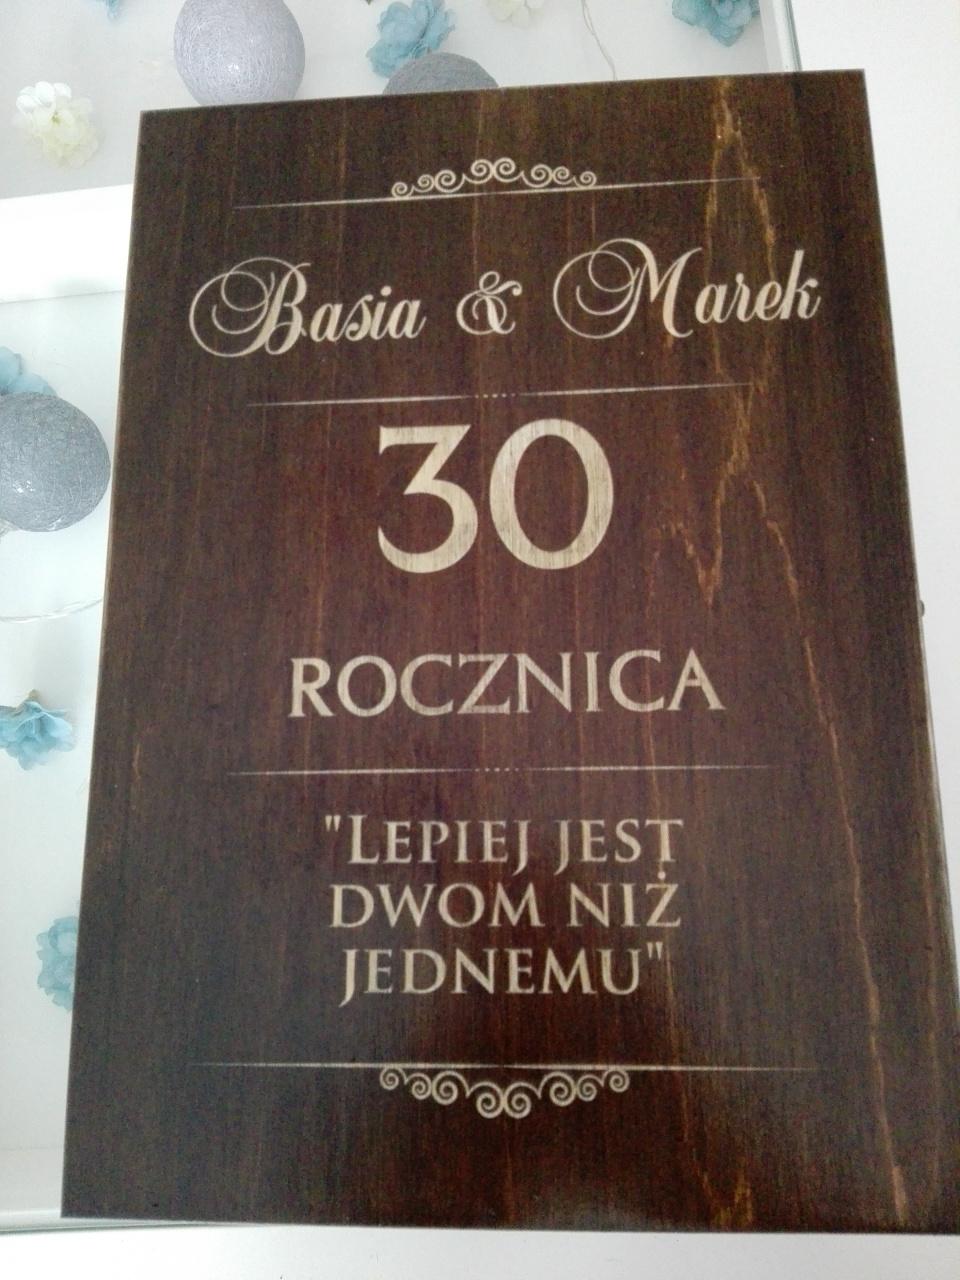 Personalizowany Miod Pitny Historia Prezent Na 50 Rocznice Slubu